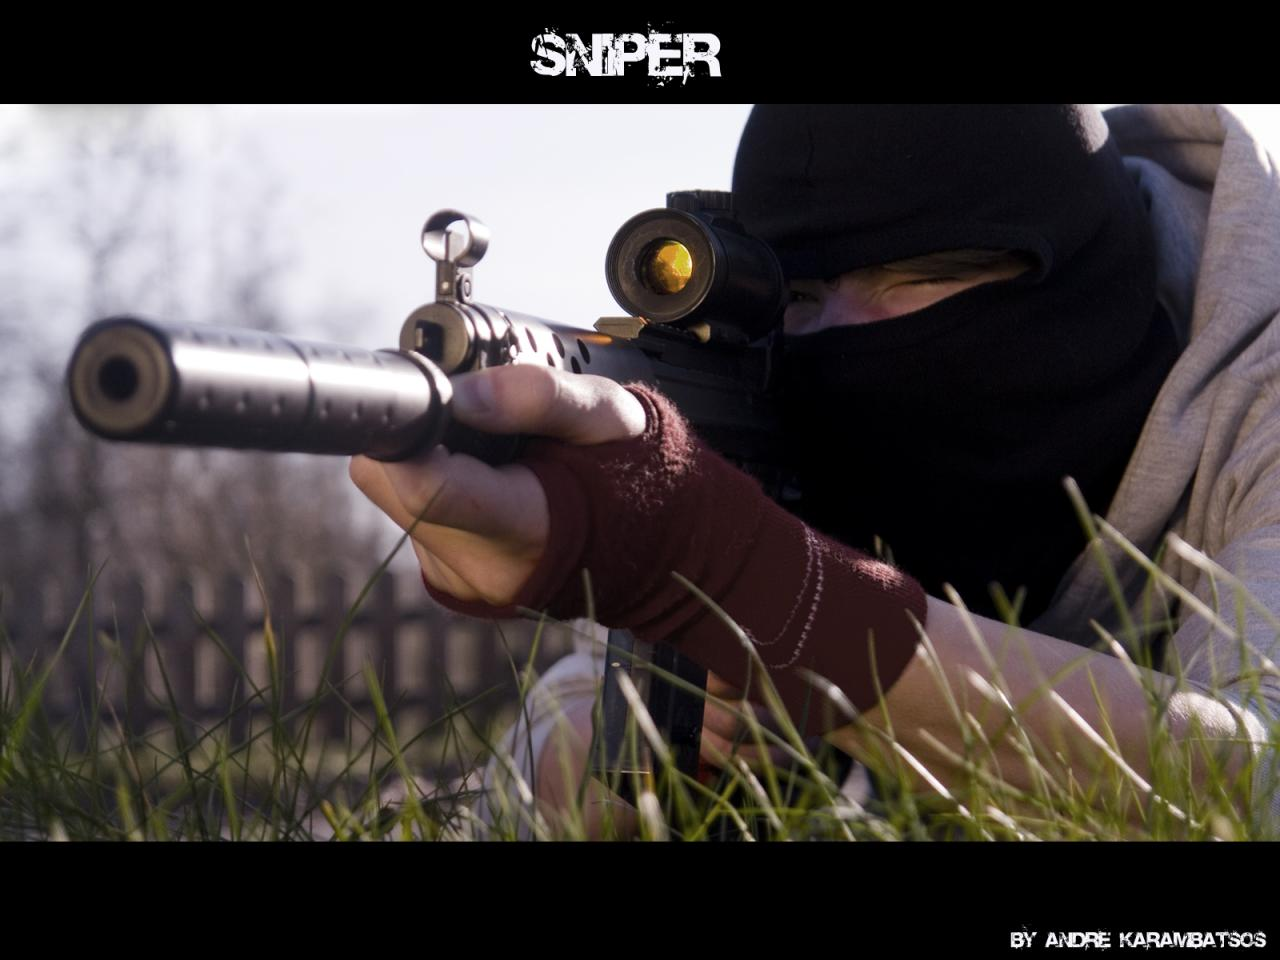 Sniper..